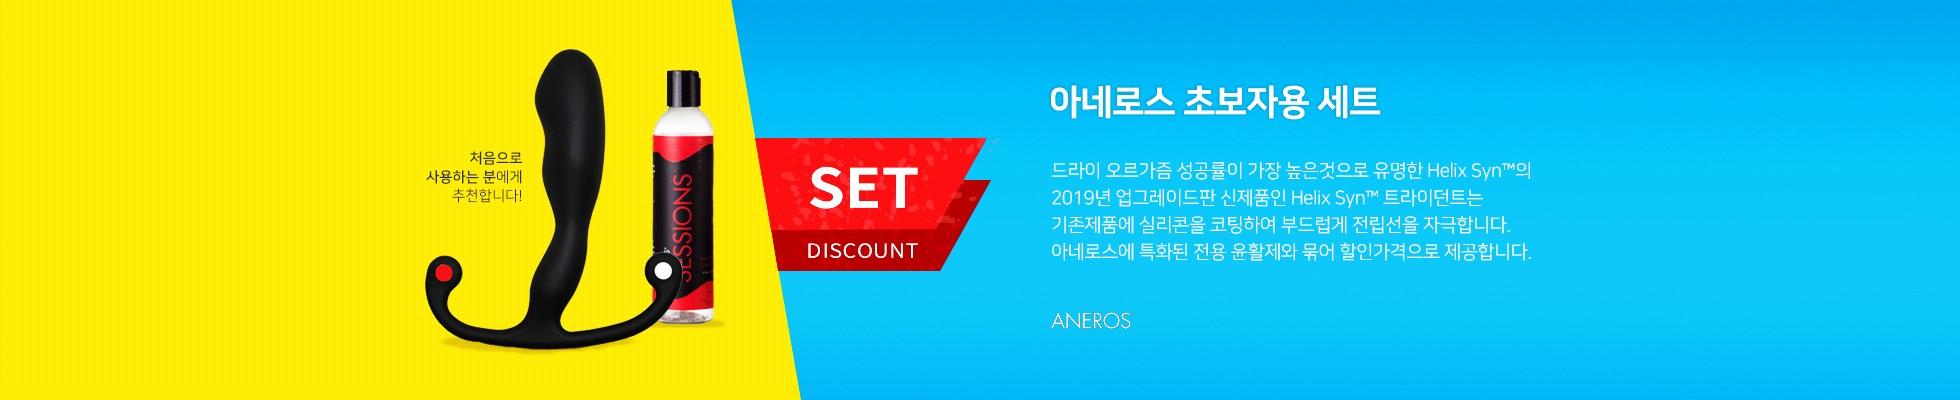 아네로스 스타터킷, 신제품 헬릭스 신 트라이던트와 전용 윤활제 세션을 묶어 할인된 가격으로 제공합니다!